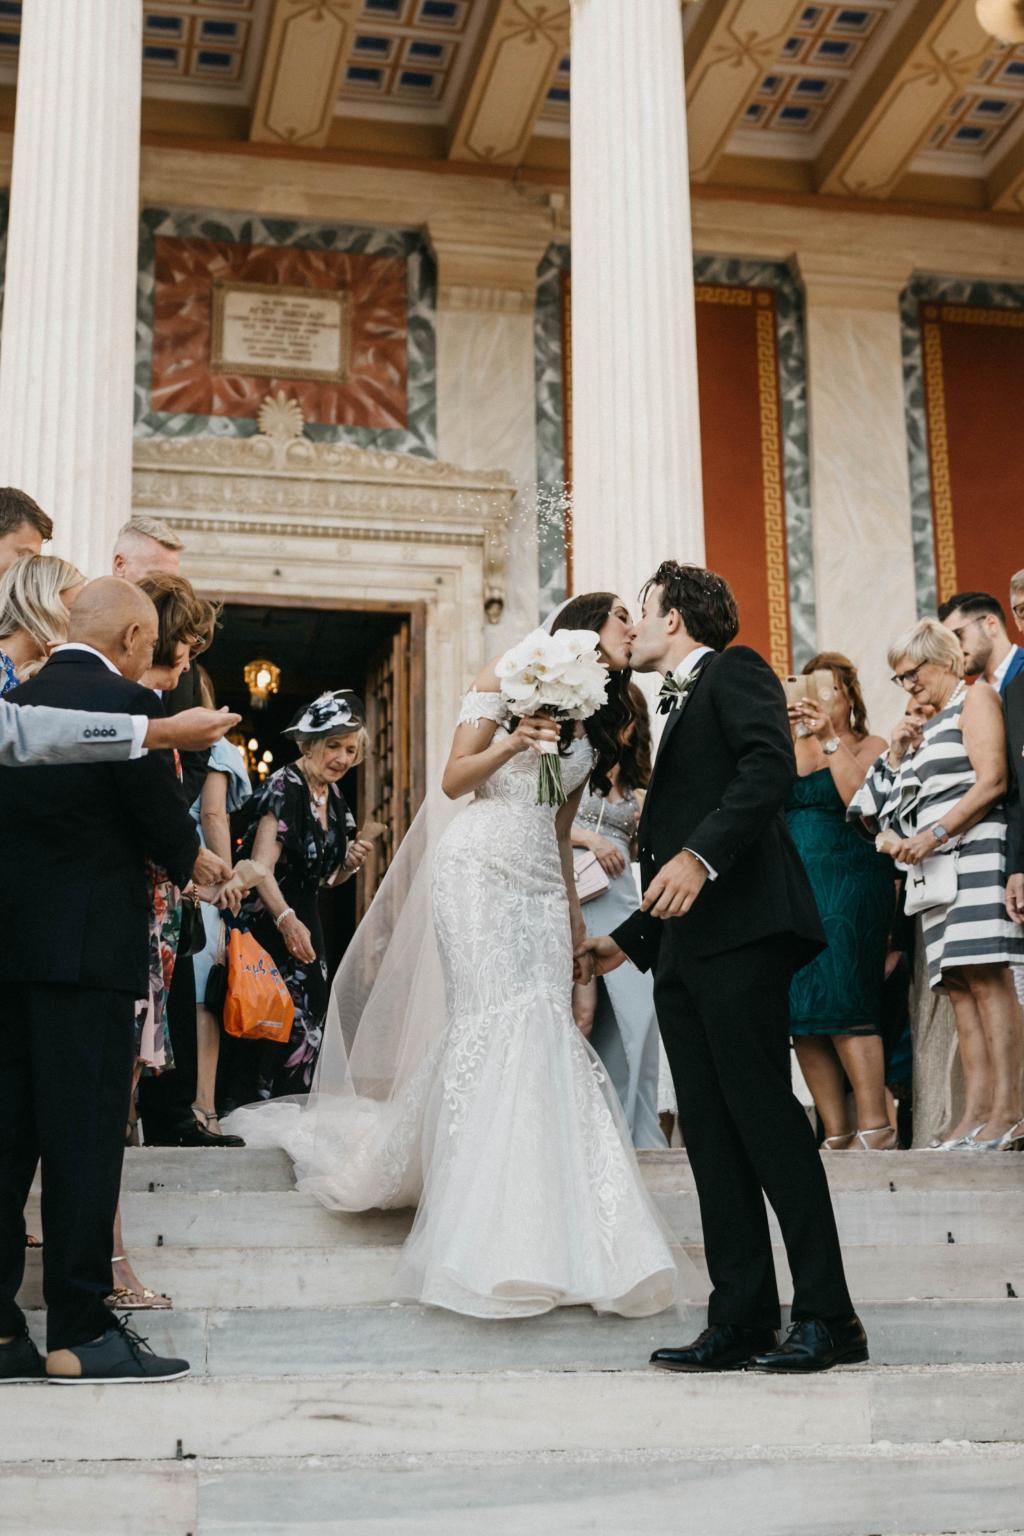 H&W Syros wedding - Image 9